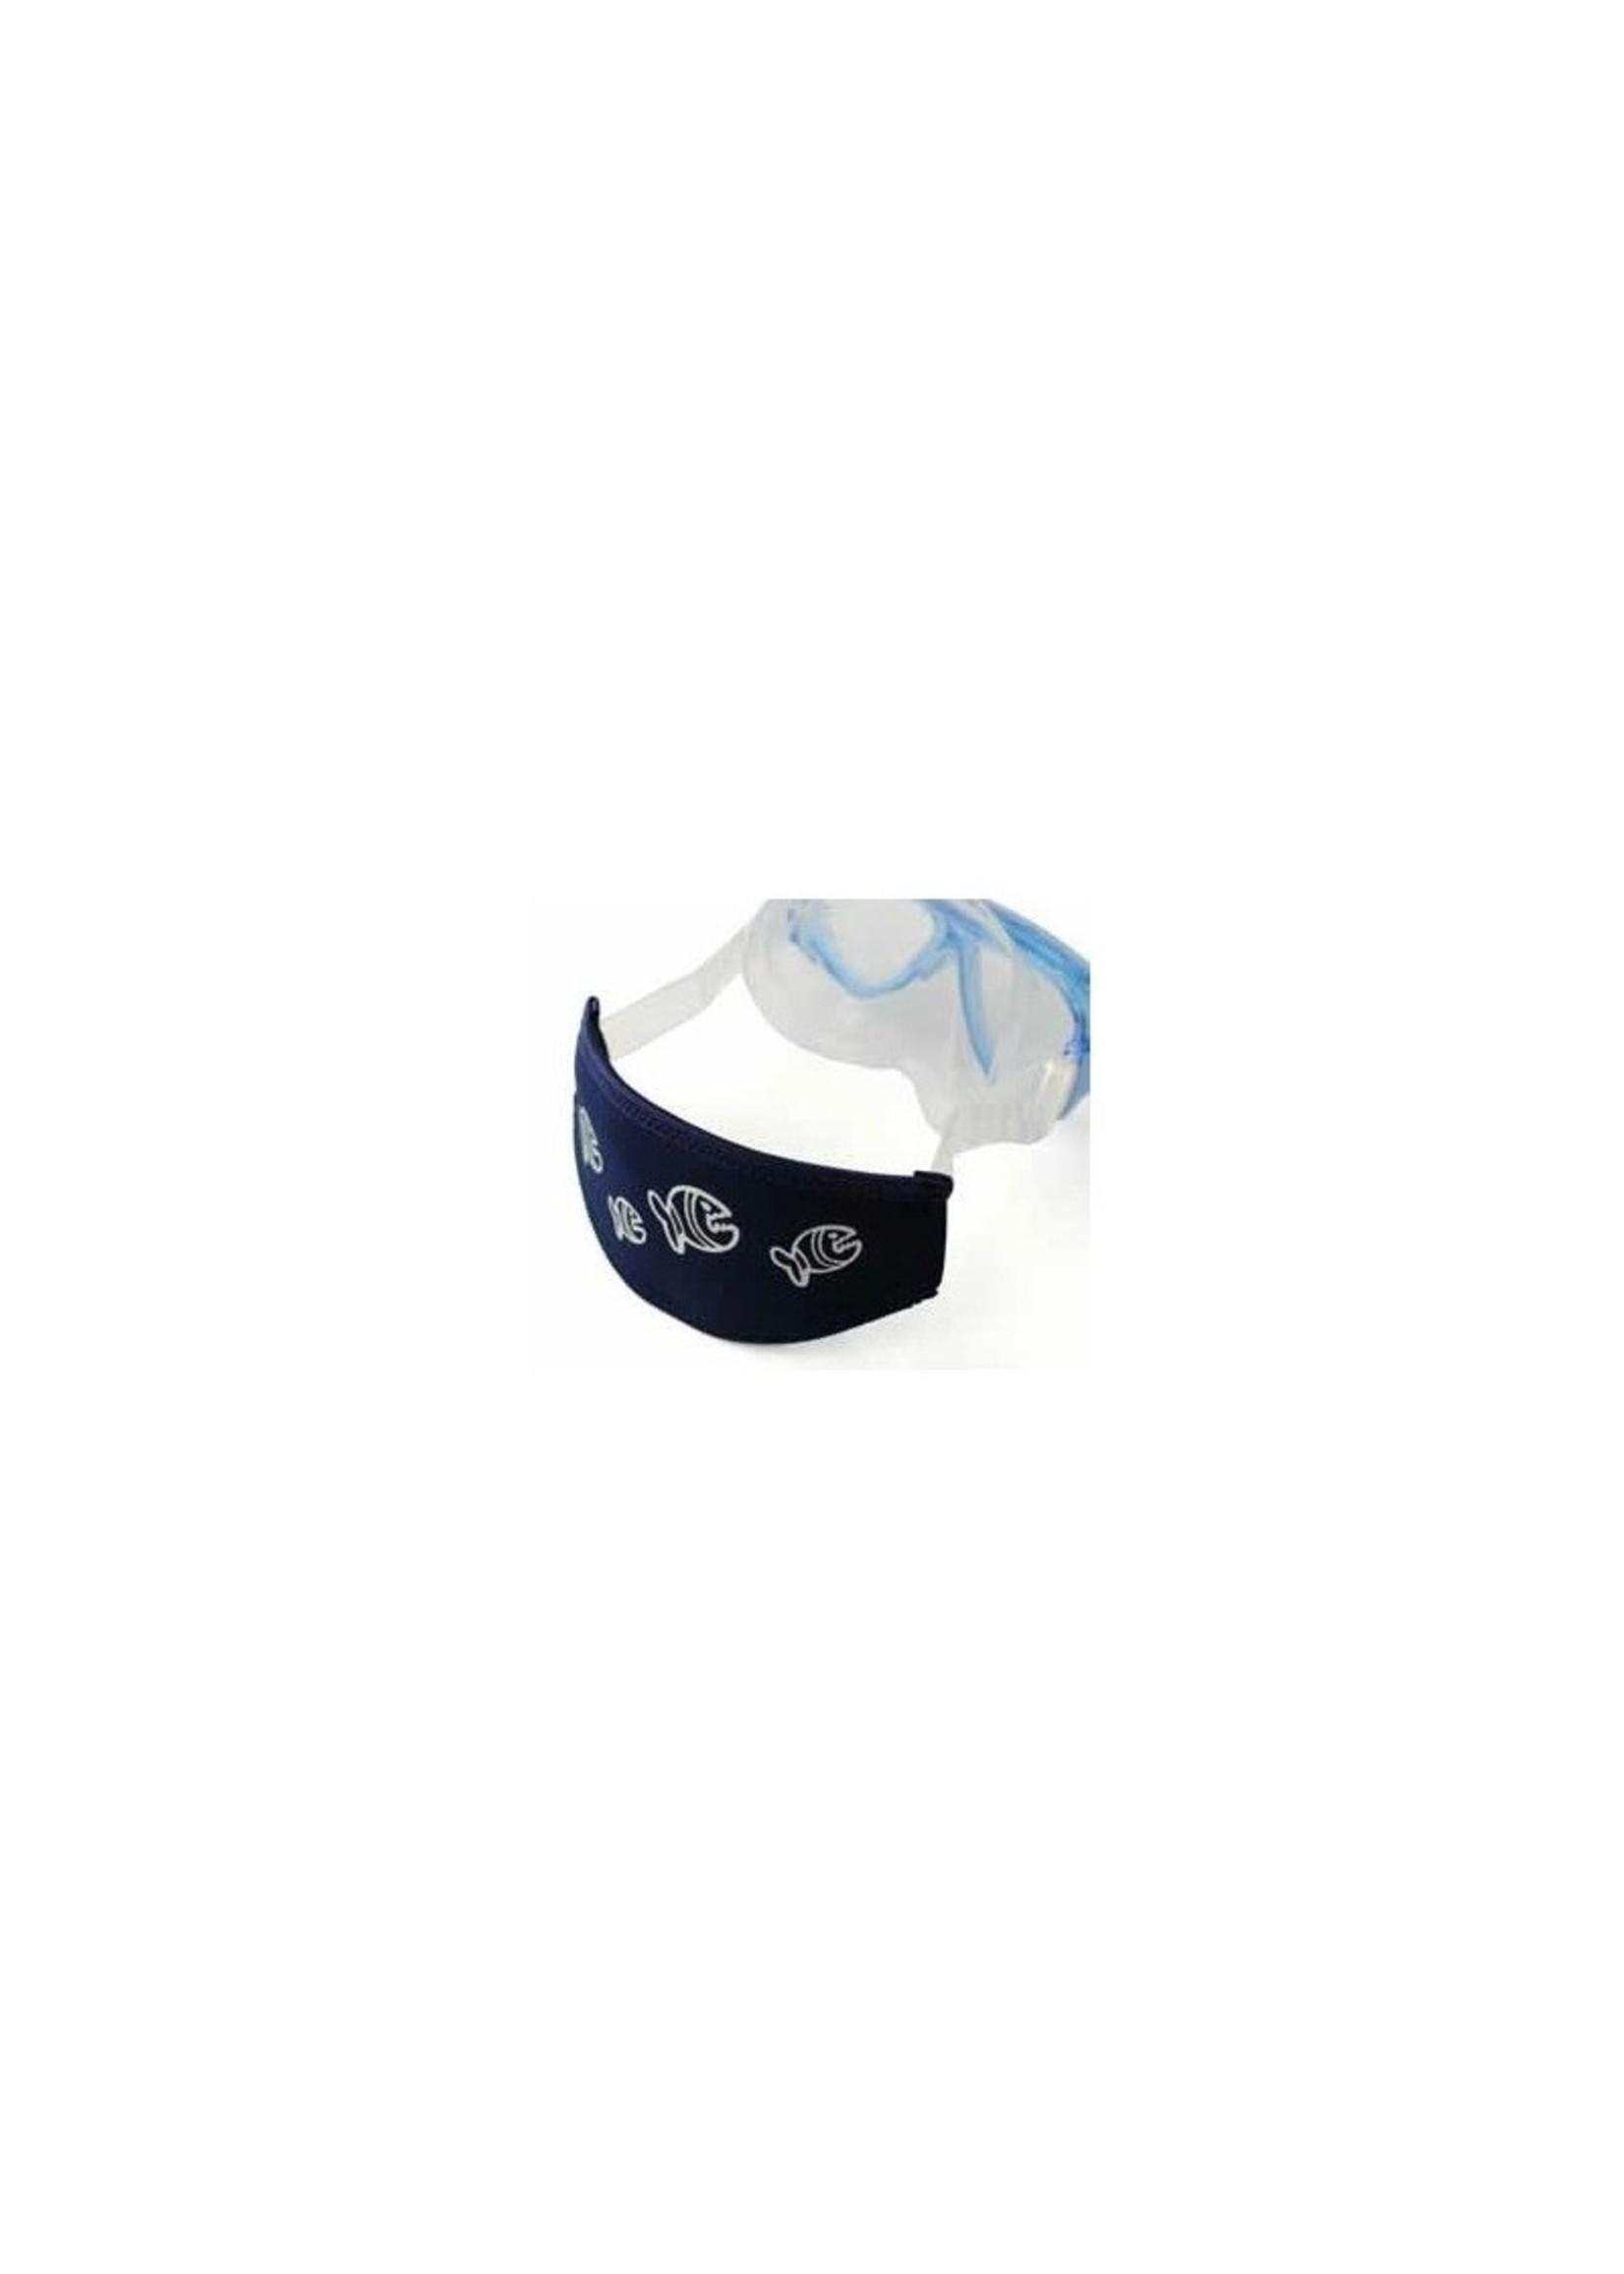 iQ Mask Strap - Royal Navy